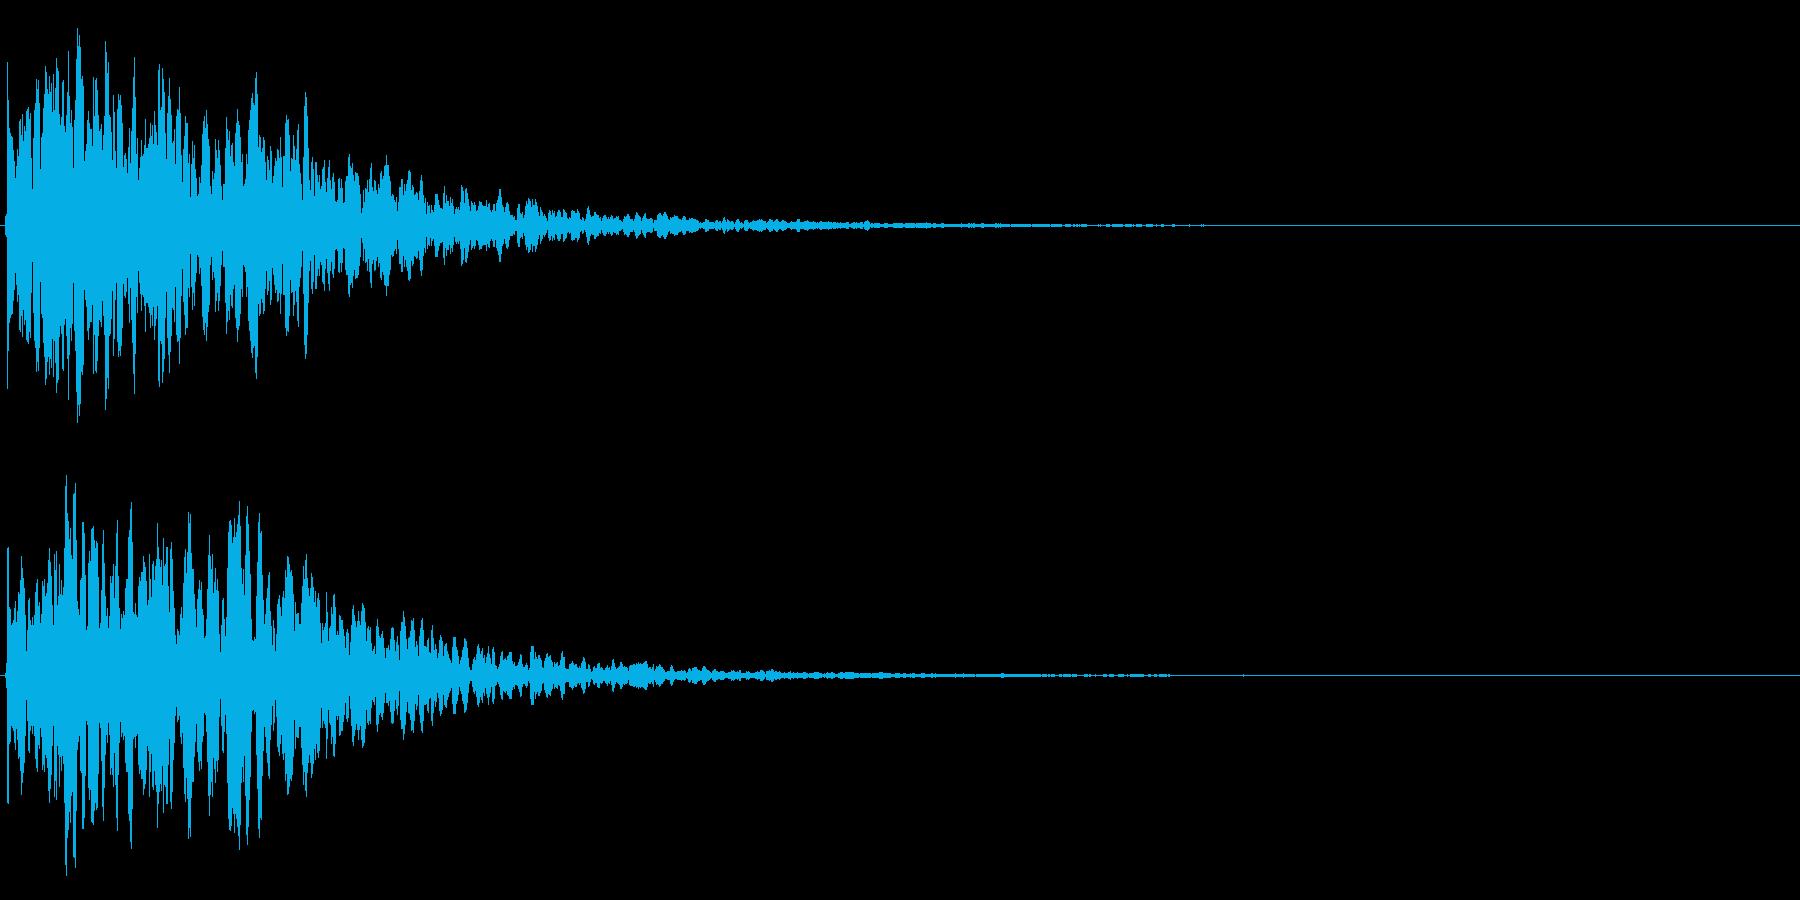 ゲームスタート、決定、ボタン音-033の再生済みの波形